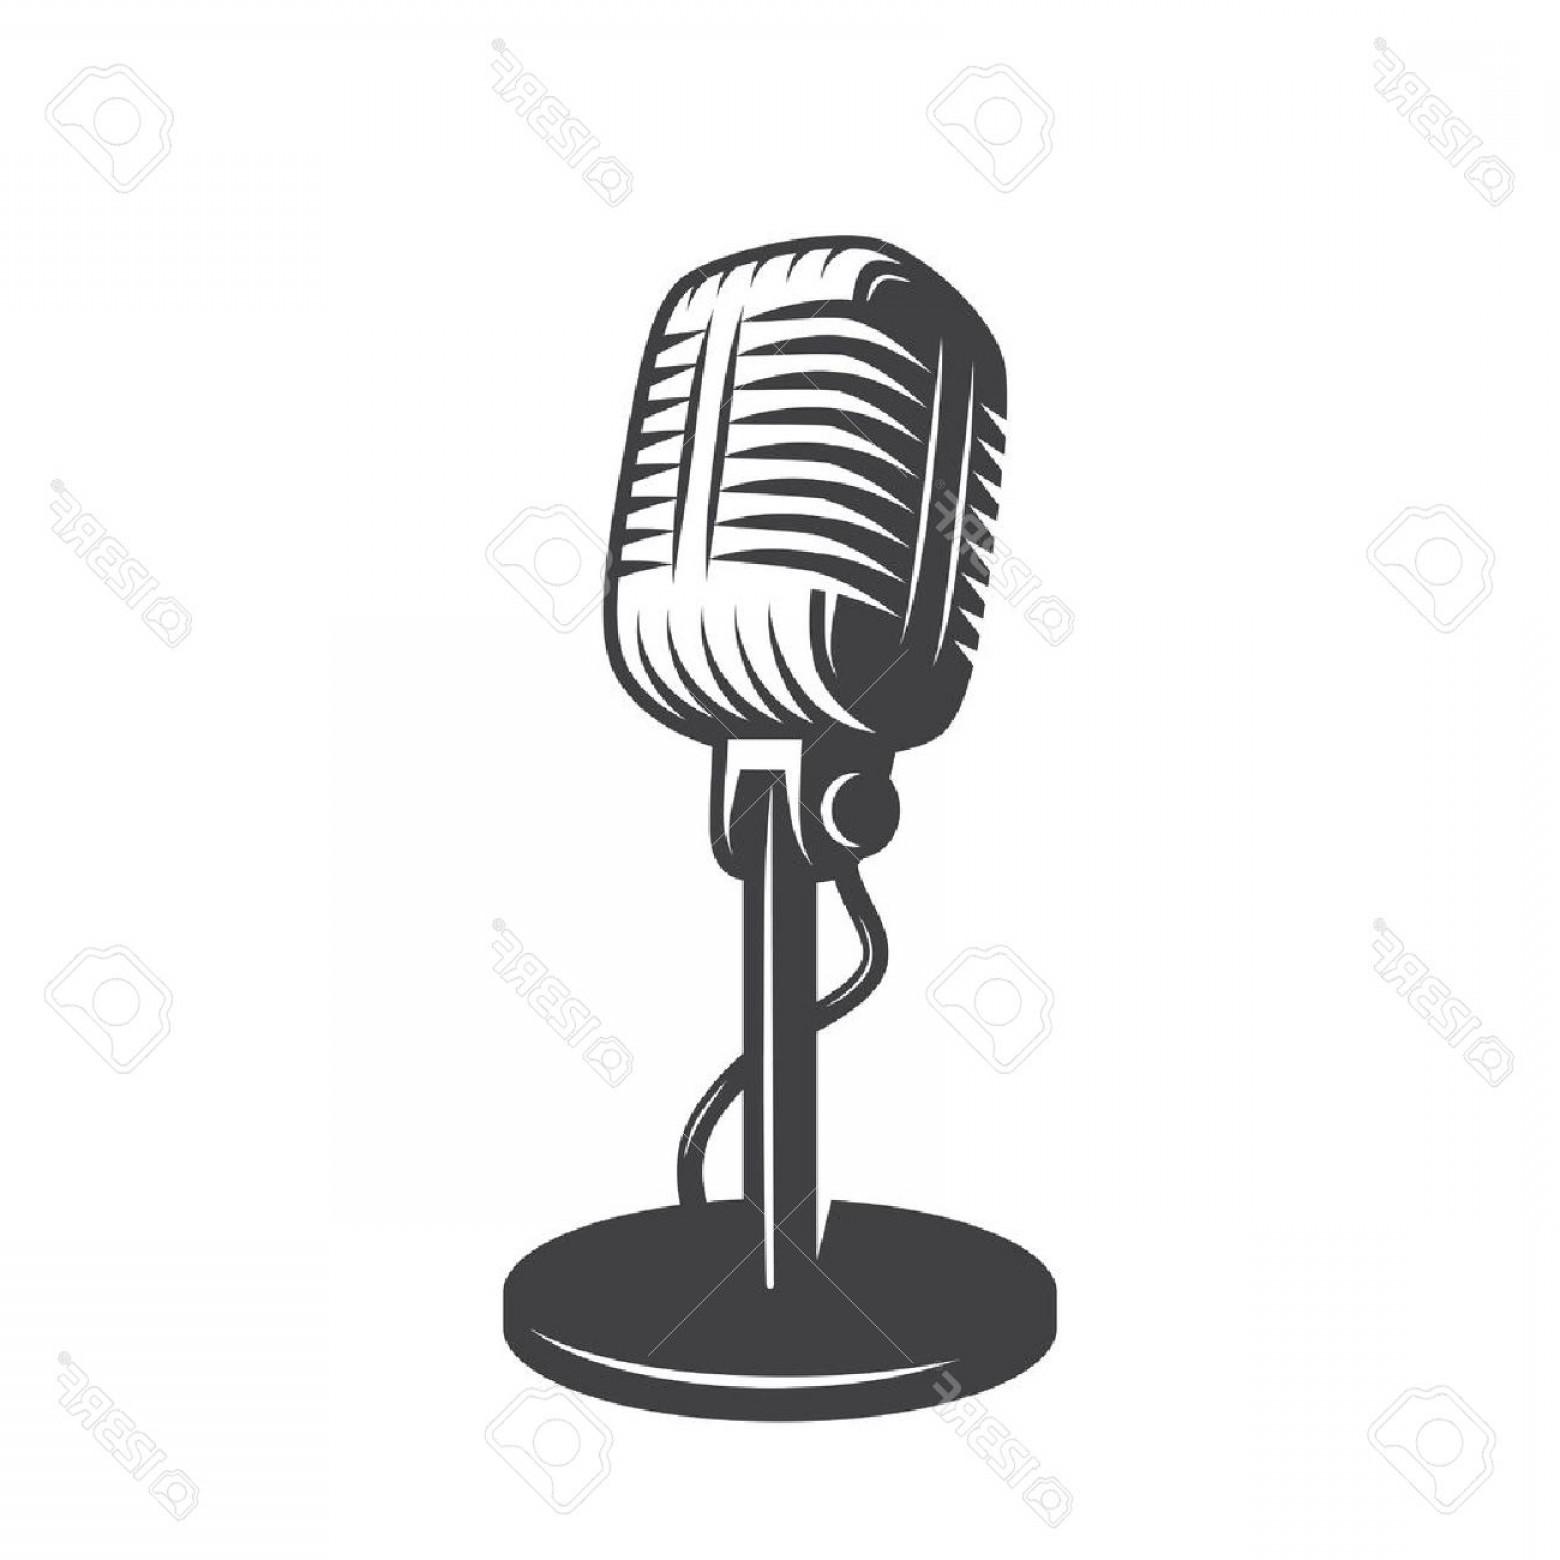 1560x1560 Retro Microphone Vector Sohadacouri